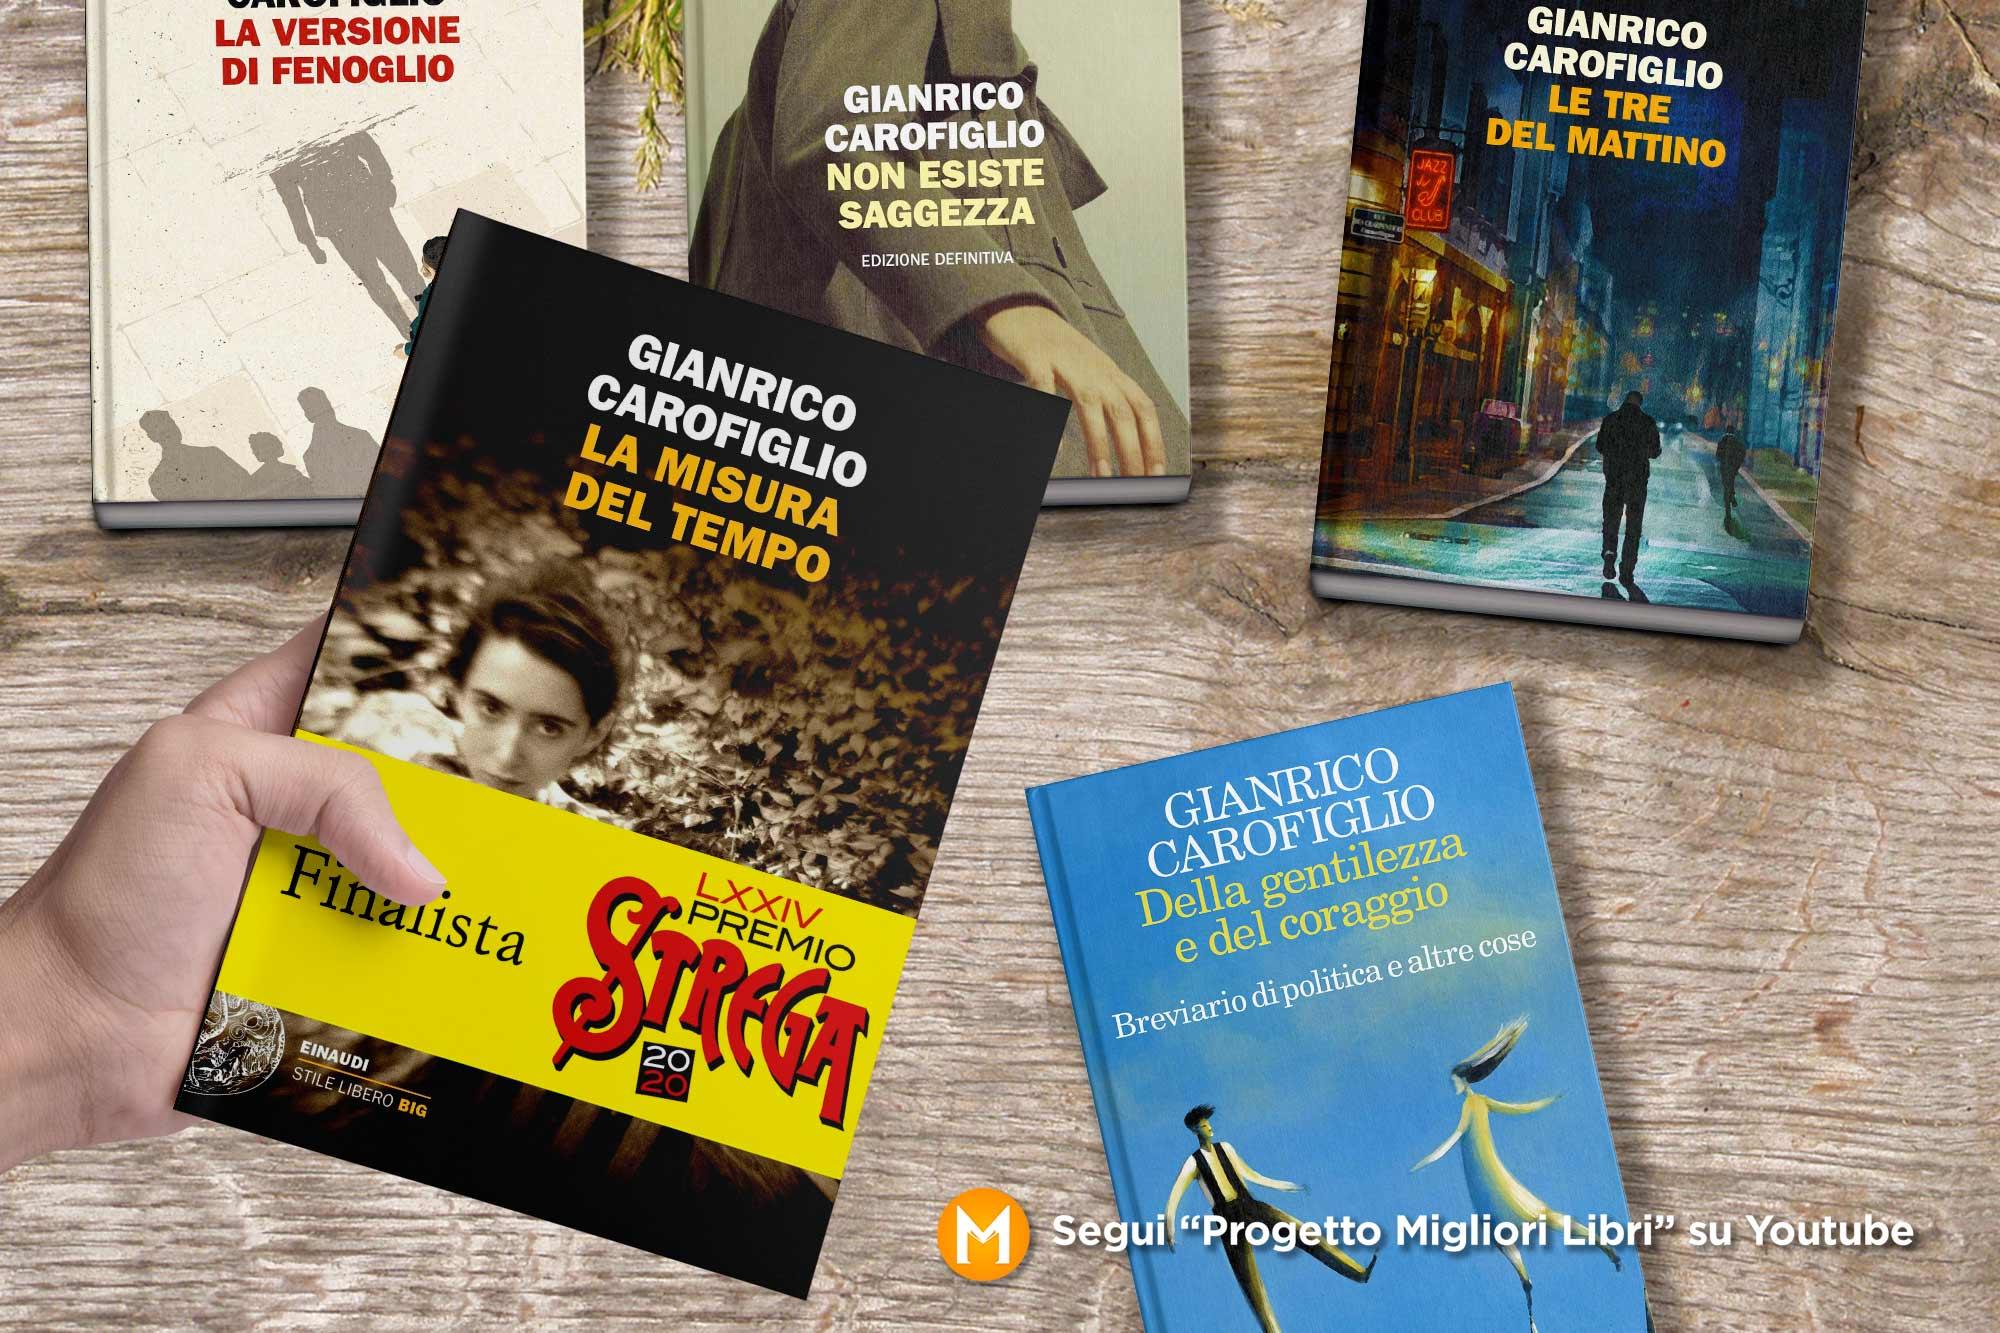 libri-gianrico-carofiglio